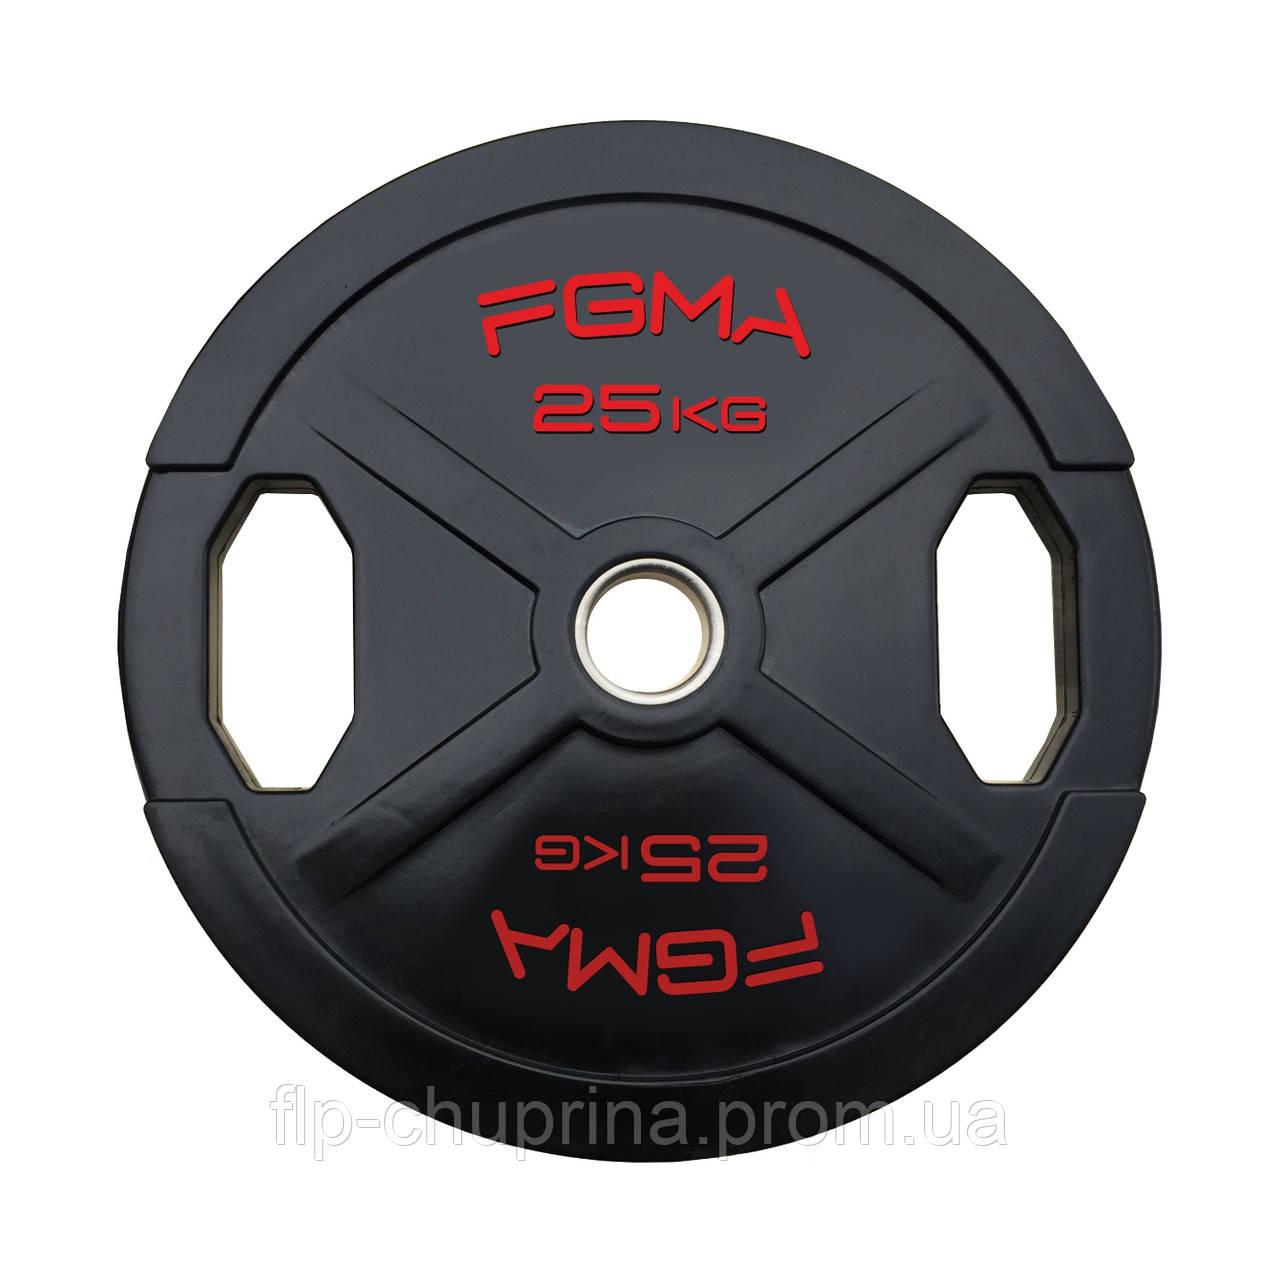 """Диск (блин) для штанги обрезиненный FGMA """"X"""" 25kg"""